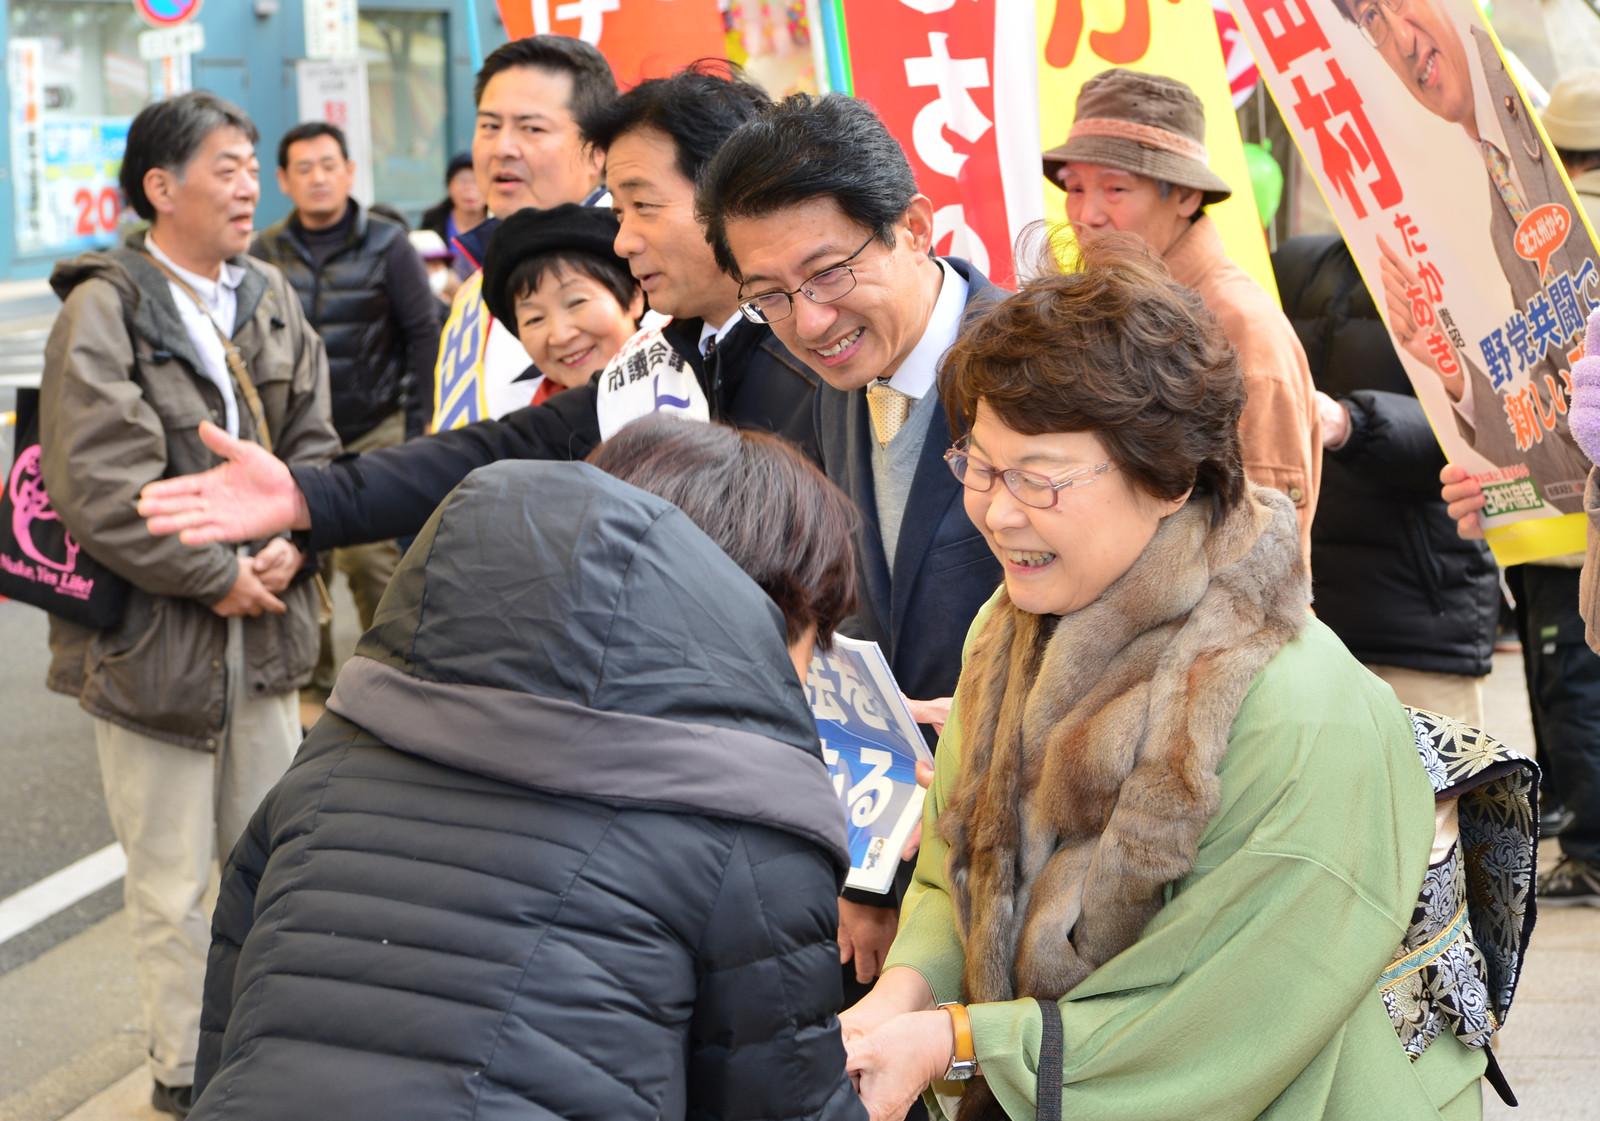 元旦宣伝で参拝客と握手する(手前から)高瀬、田村、大石、藤沢、出口各氏=1日、北九州市